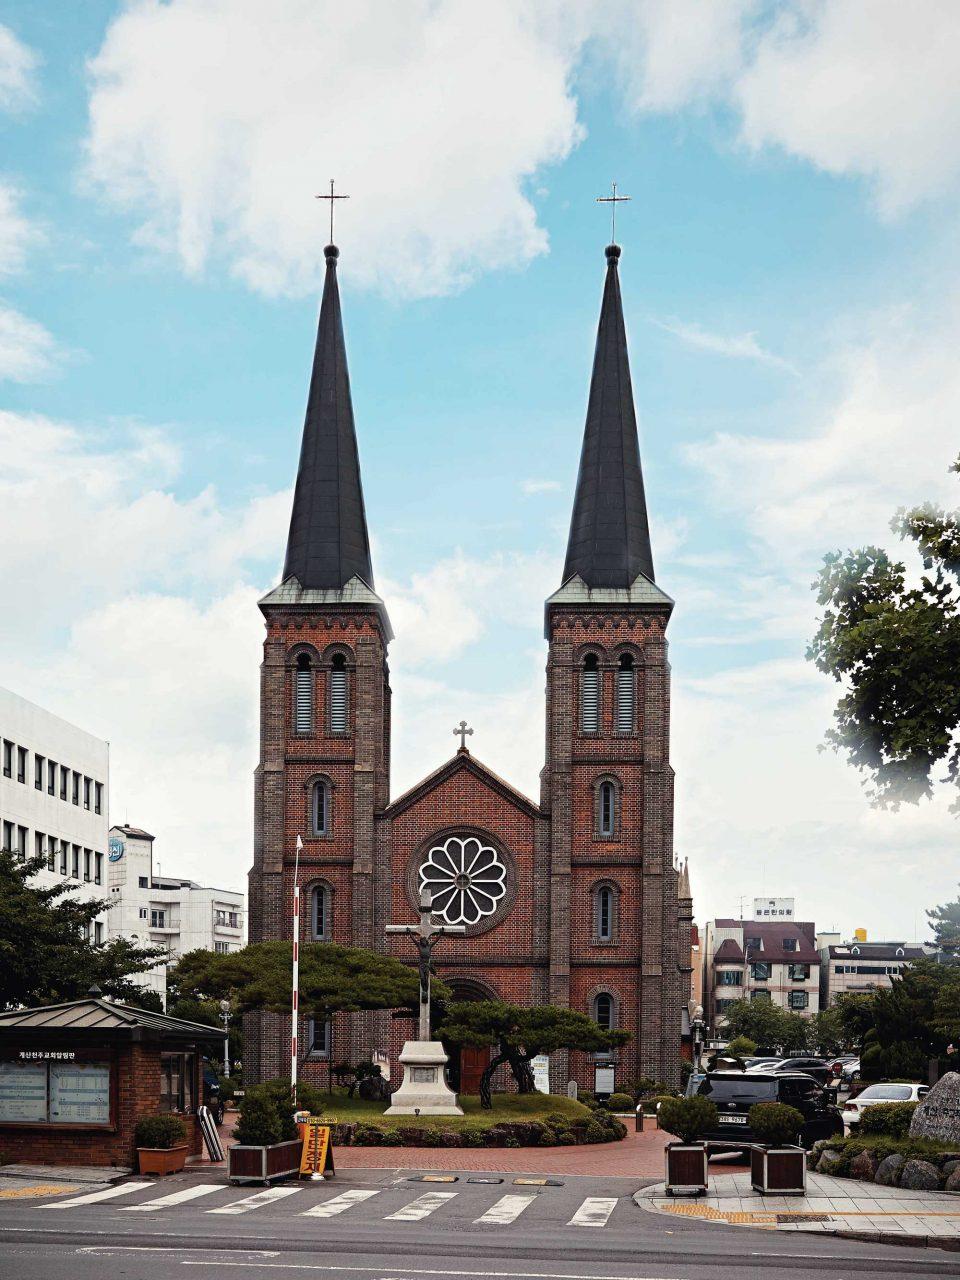 100년 넘는 역사를 지니고 있는 계산성당은 프랑스 선교사가 지은 성당으로 대구·경북 지역 가톨릭의 중심지다.